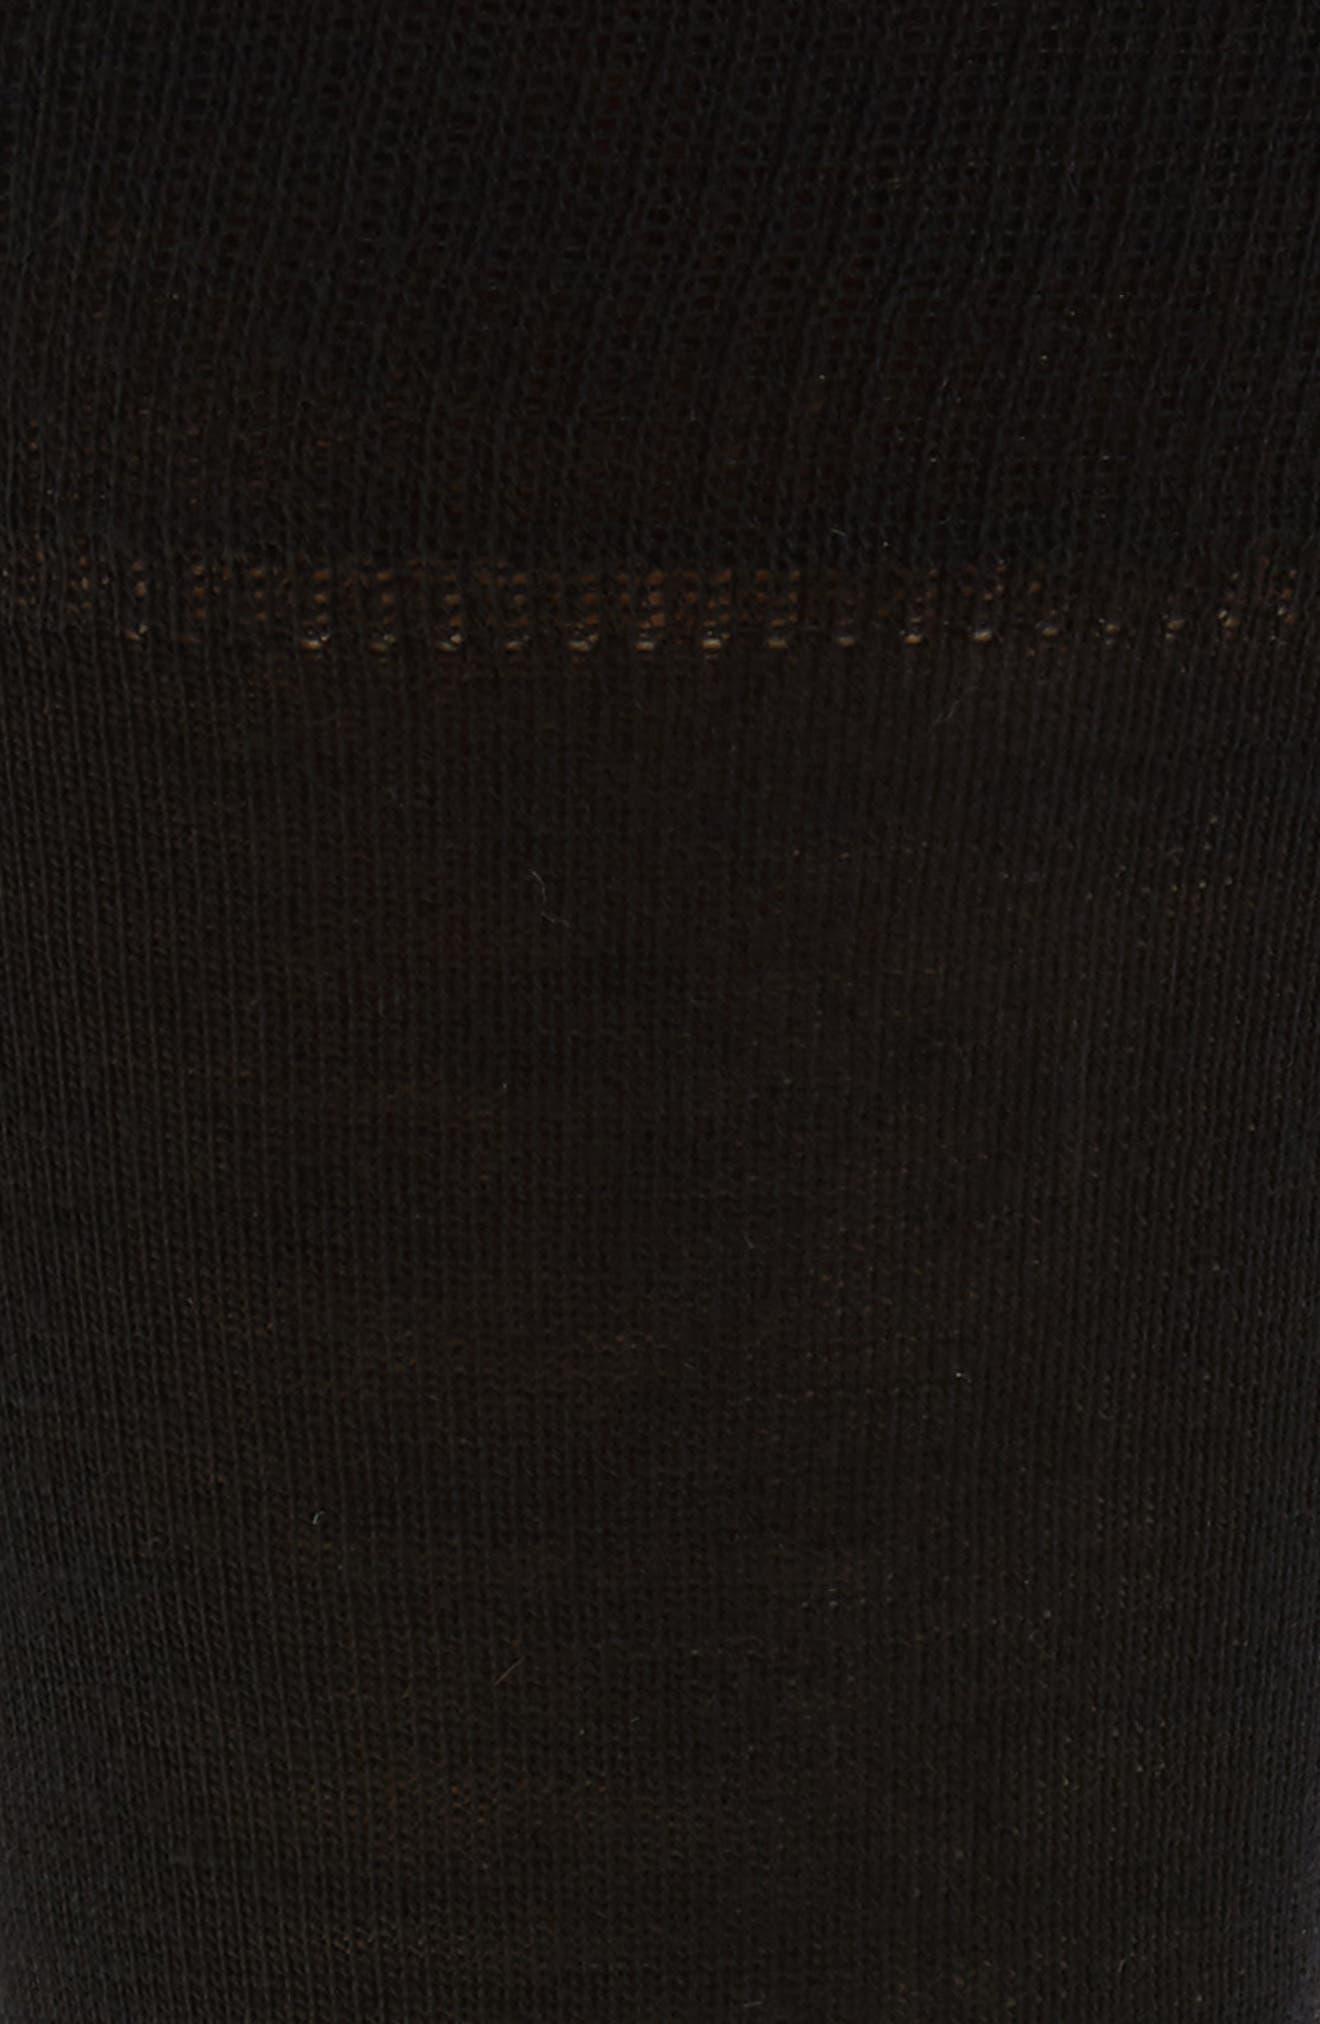 Merino Wool Blend Socks,                             Alternate thumbnail 2, color,                             001